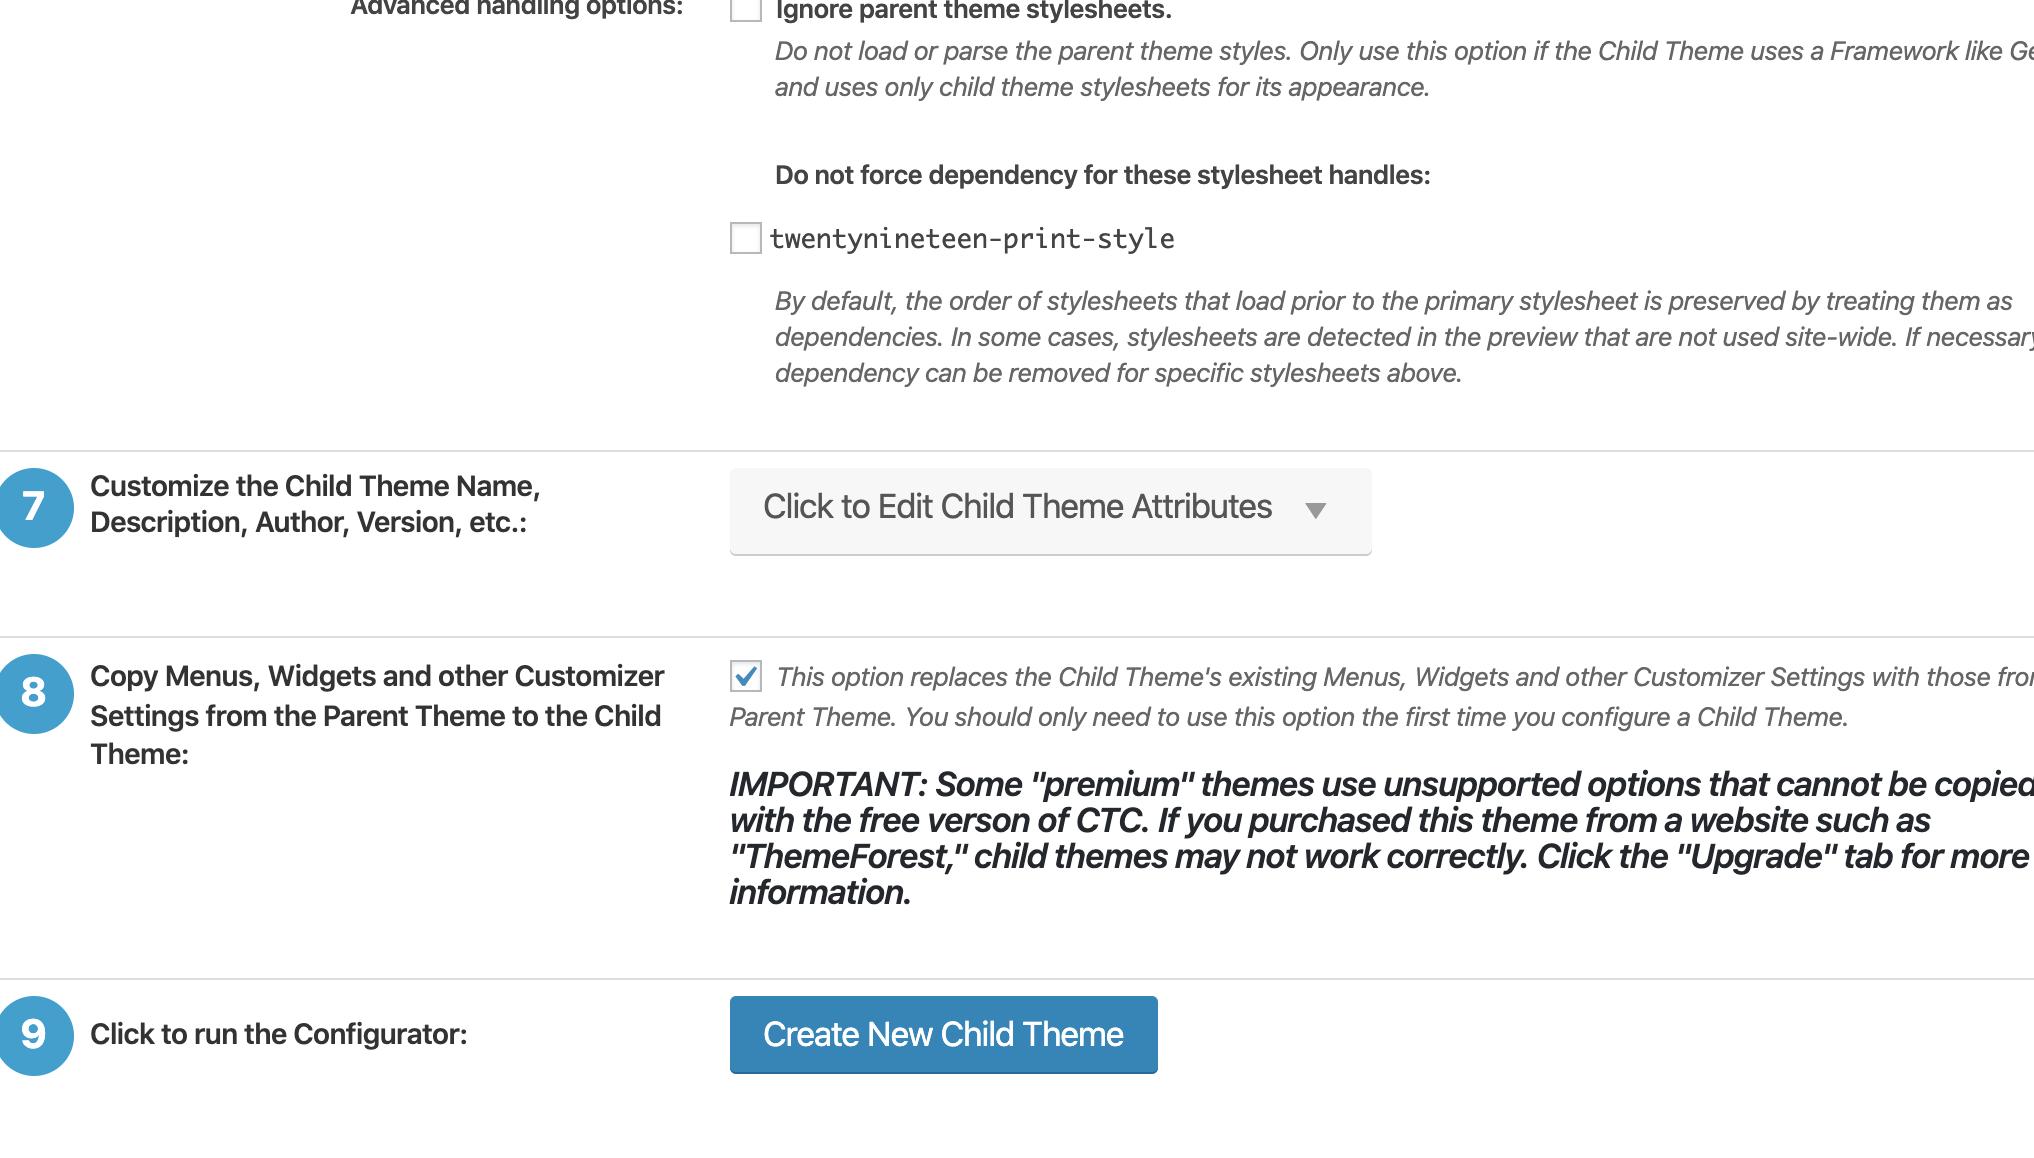 子テーマを作ろうとした【解決!!】急に!!「現在、このページへのアクセスは禁止されています。 サイト管理者の方はページの権限設定等が適切かご確認ください」